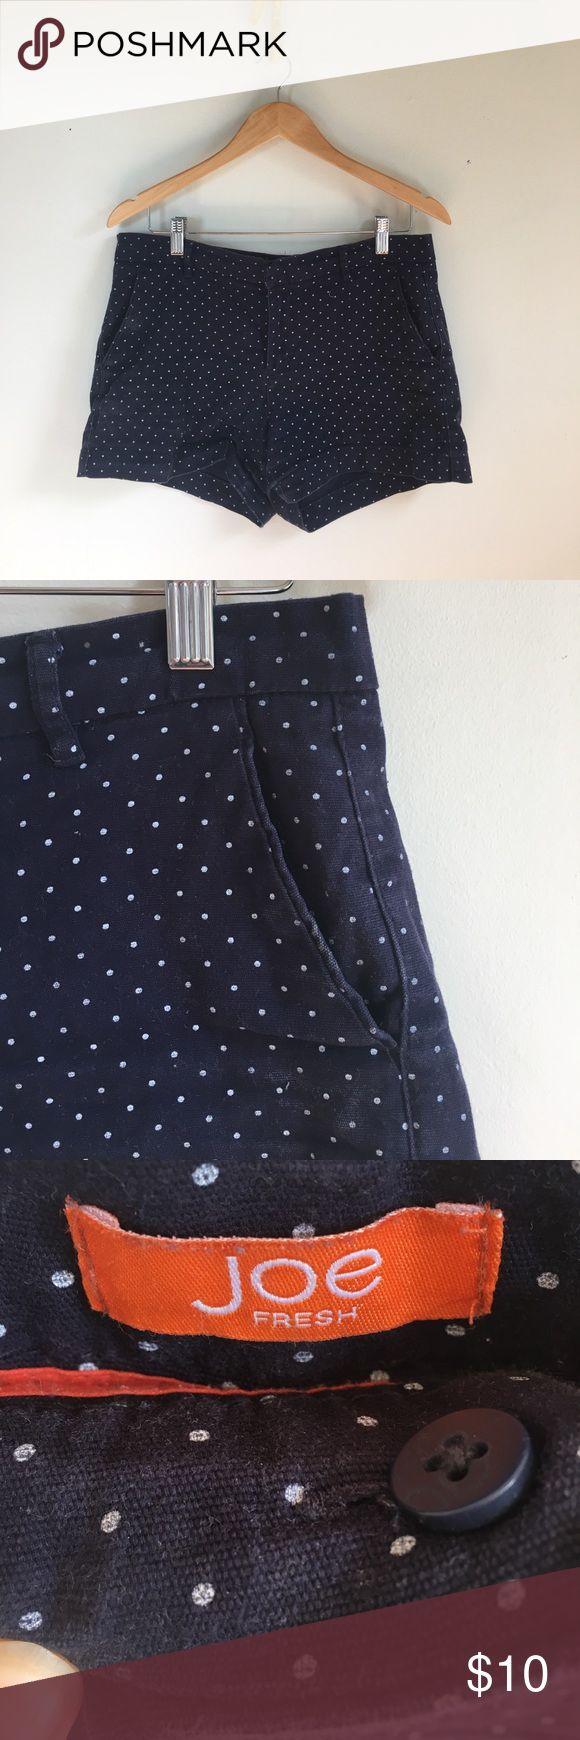 Joe Fresh navy polka dog shorts size 6 Joe Fresh navy shorts with white polka dots. Size 6. Preppy. Functional pockets. Joe Fresh Shorts